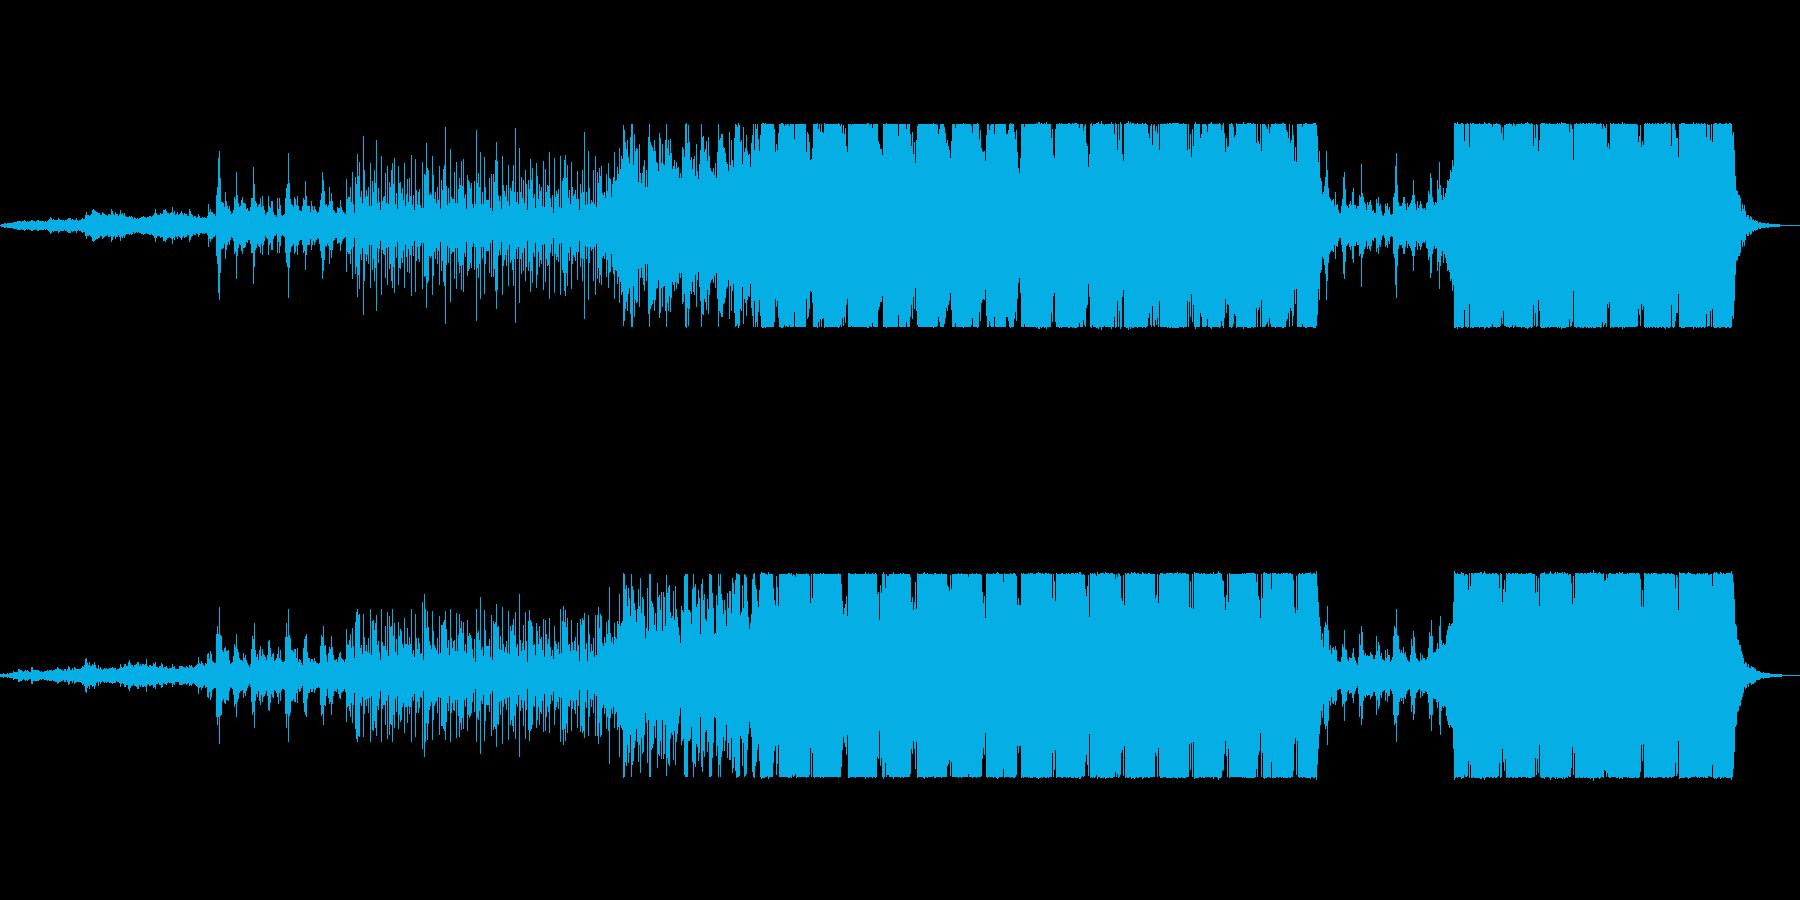 シネマティック和風インダストリアル曲の再生済みの波形